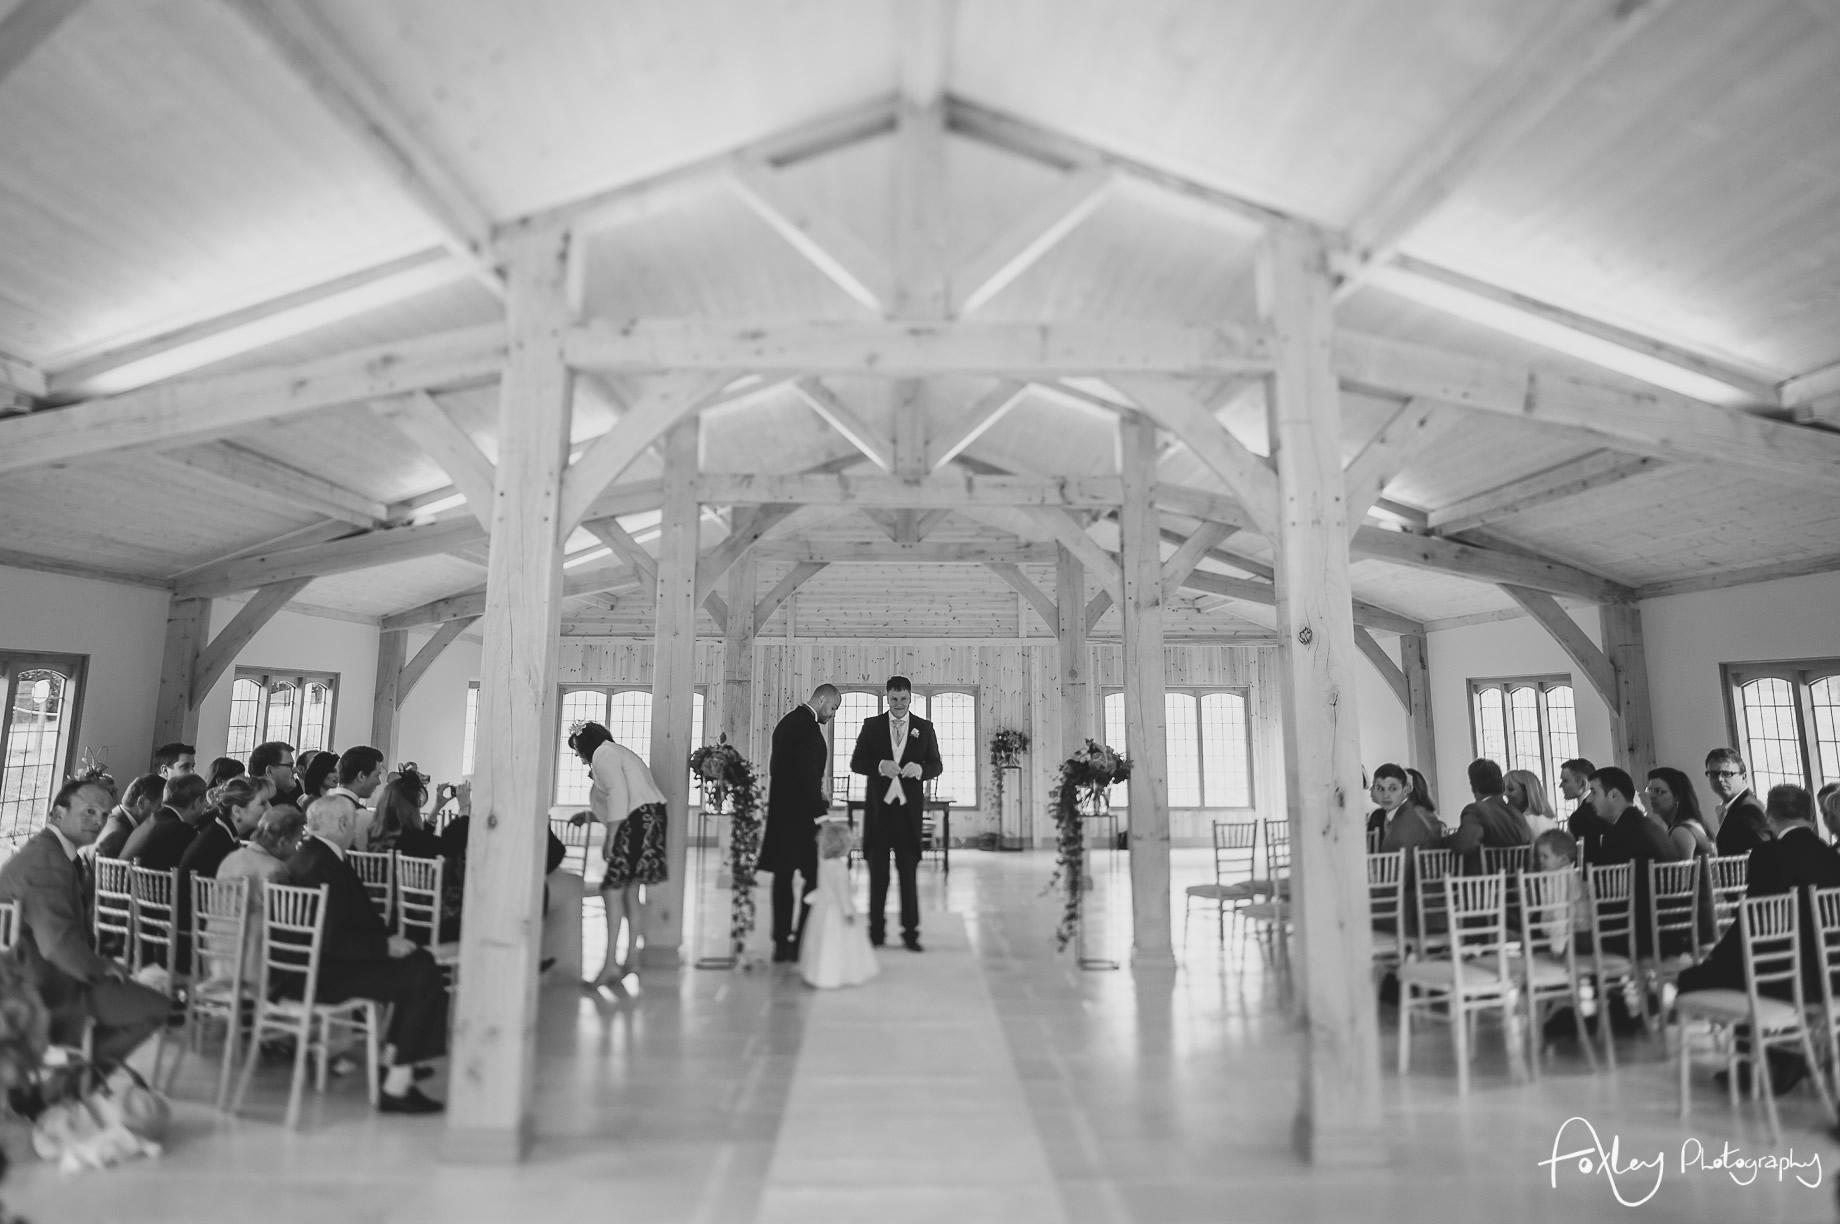 Simona-and-Robert-Wedding-at-Colshaw-Hall-095